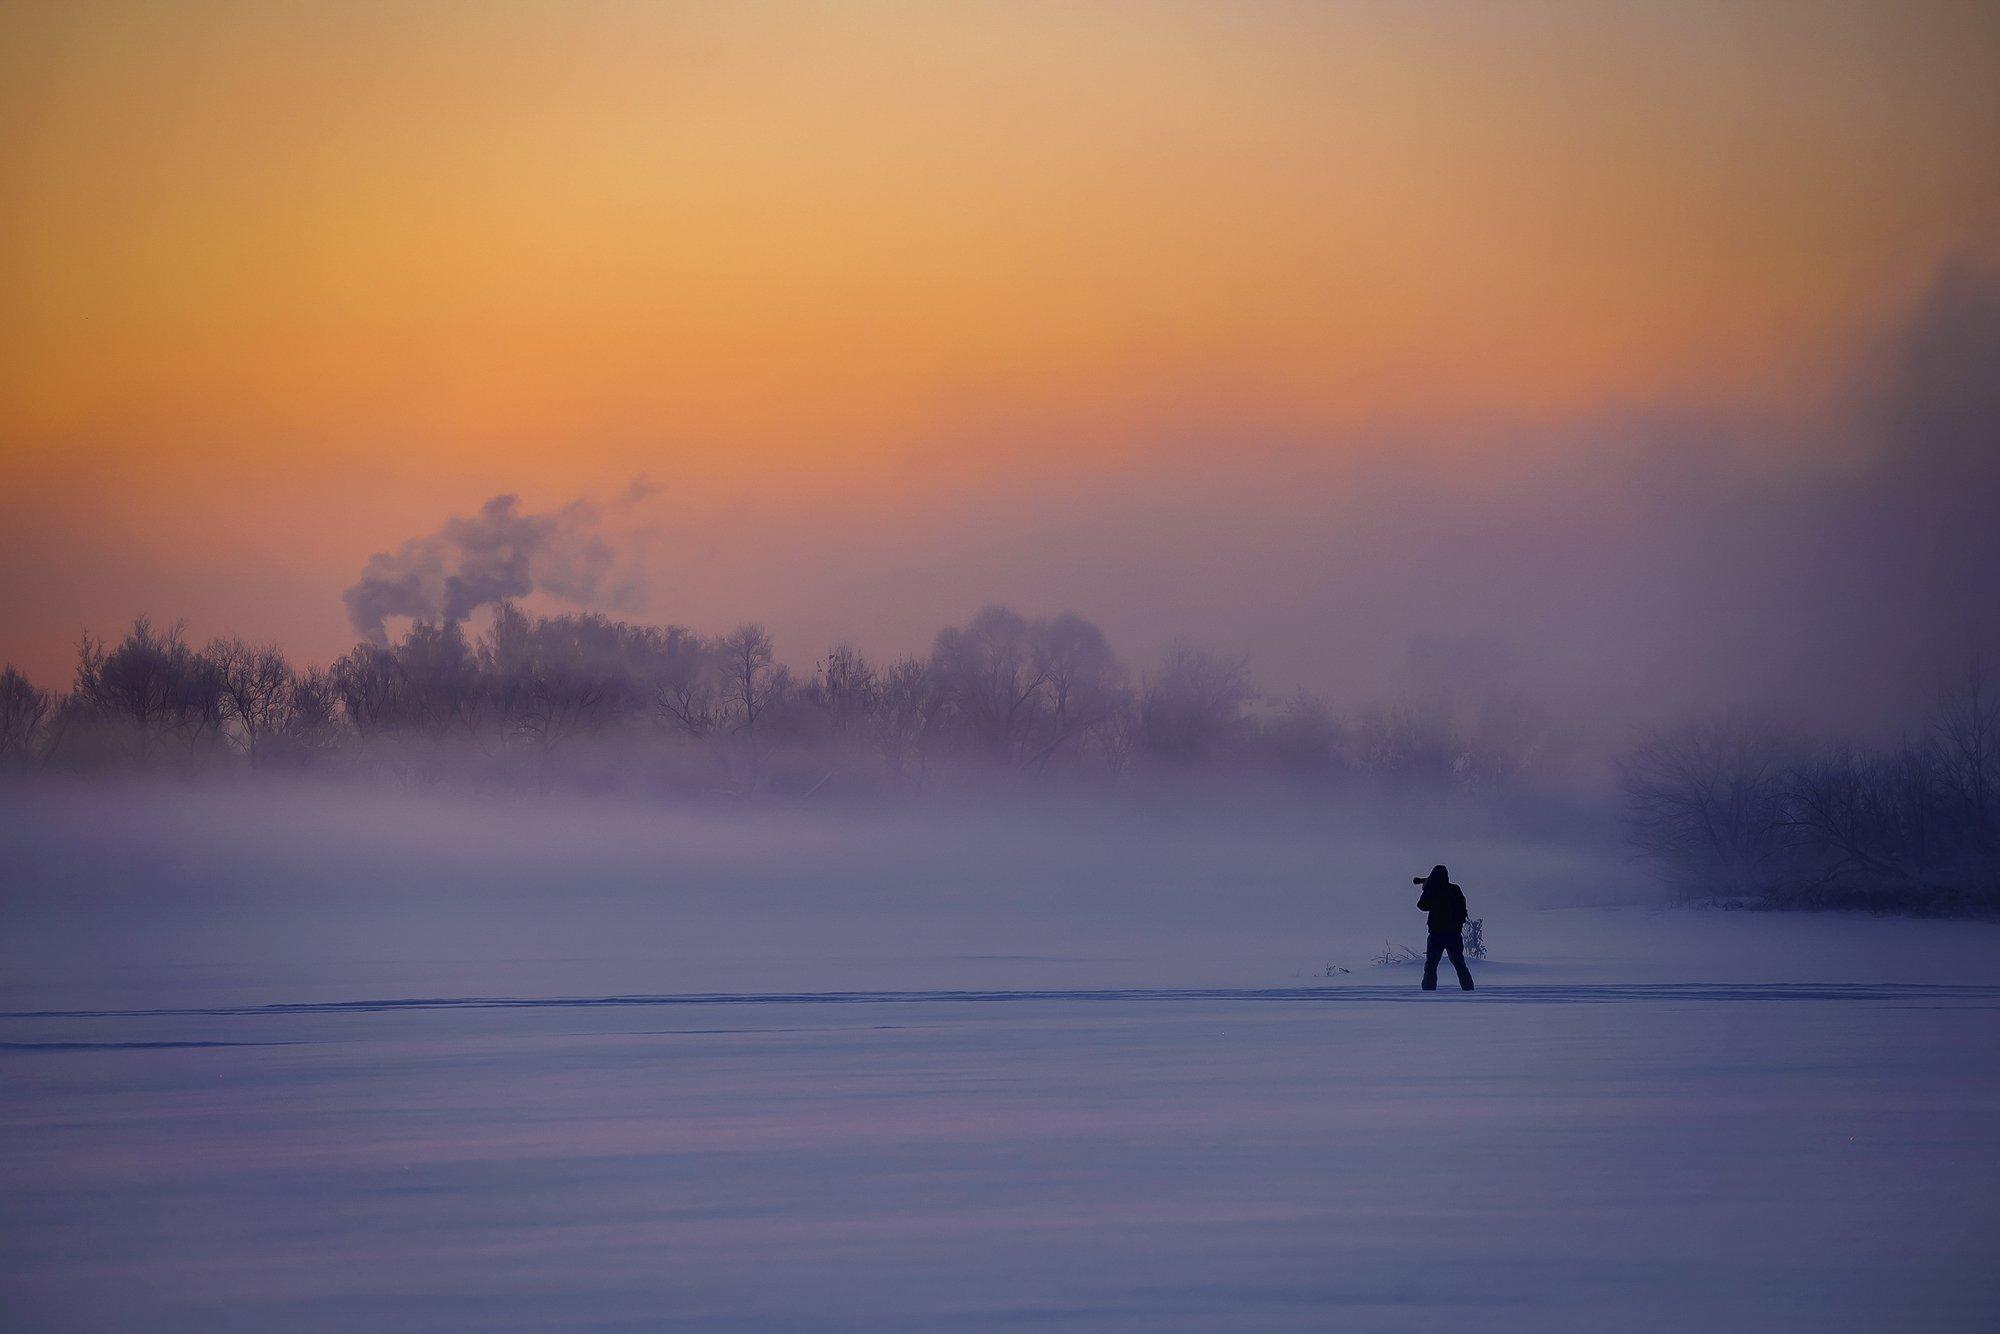 мороз, утро, туман, восход, Владимир Штыриков